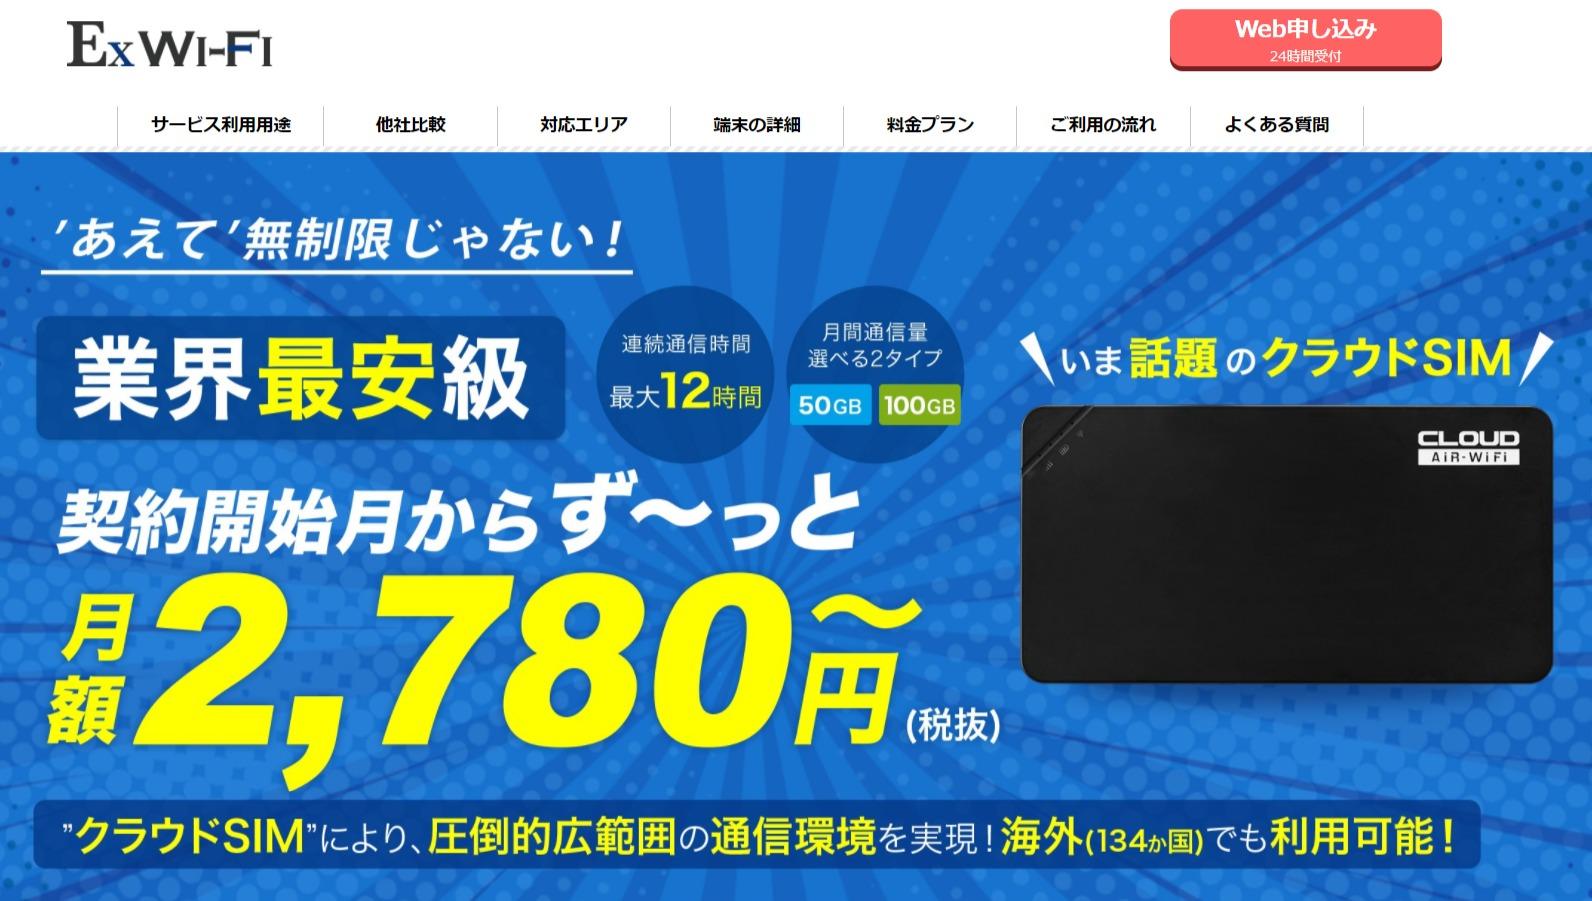 【公式】Ex Wi-Fi CLOUD -トップ画像